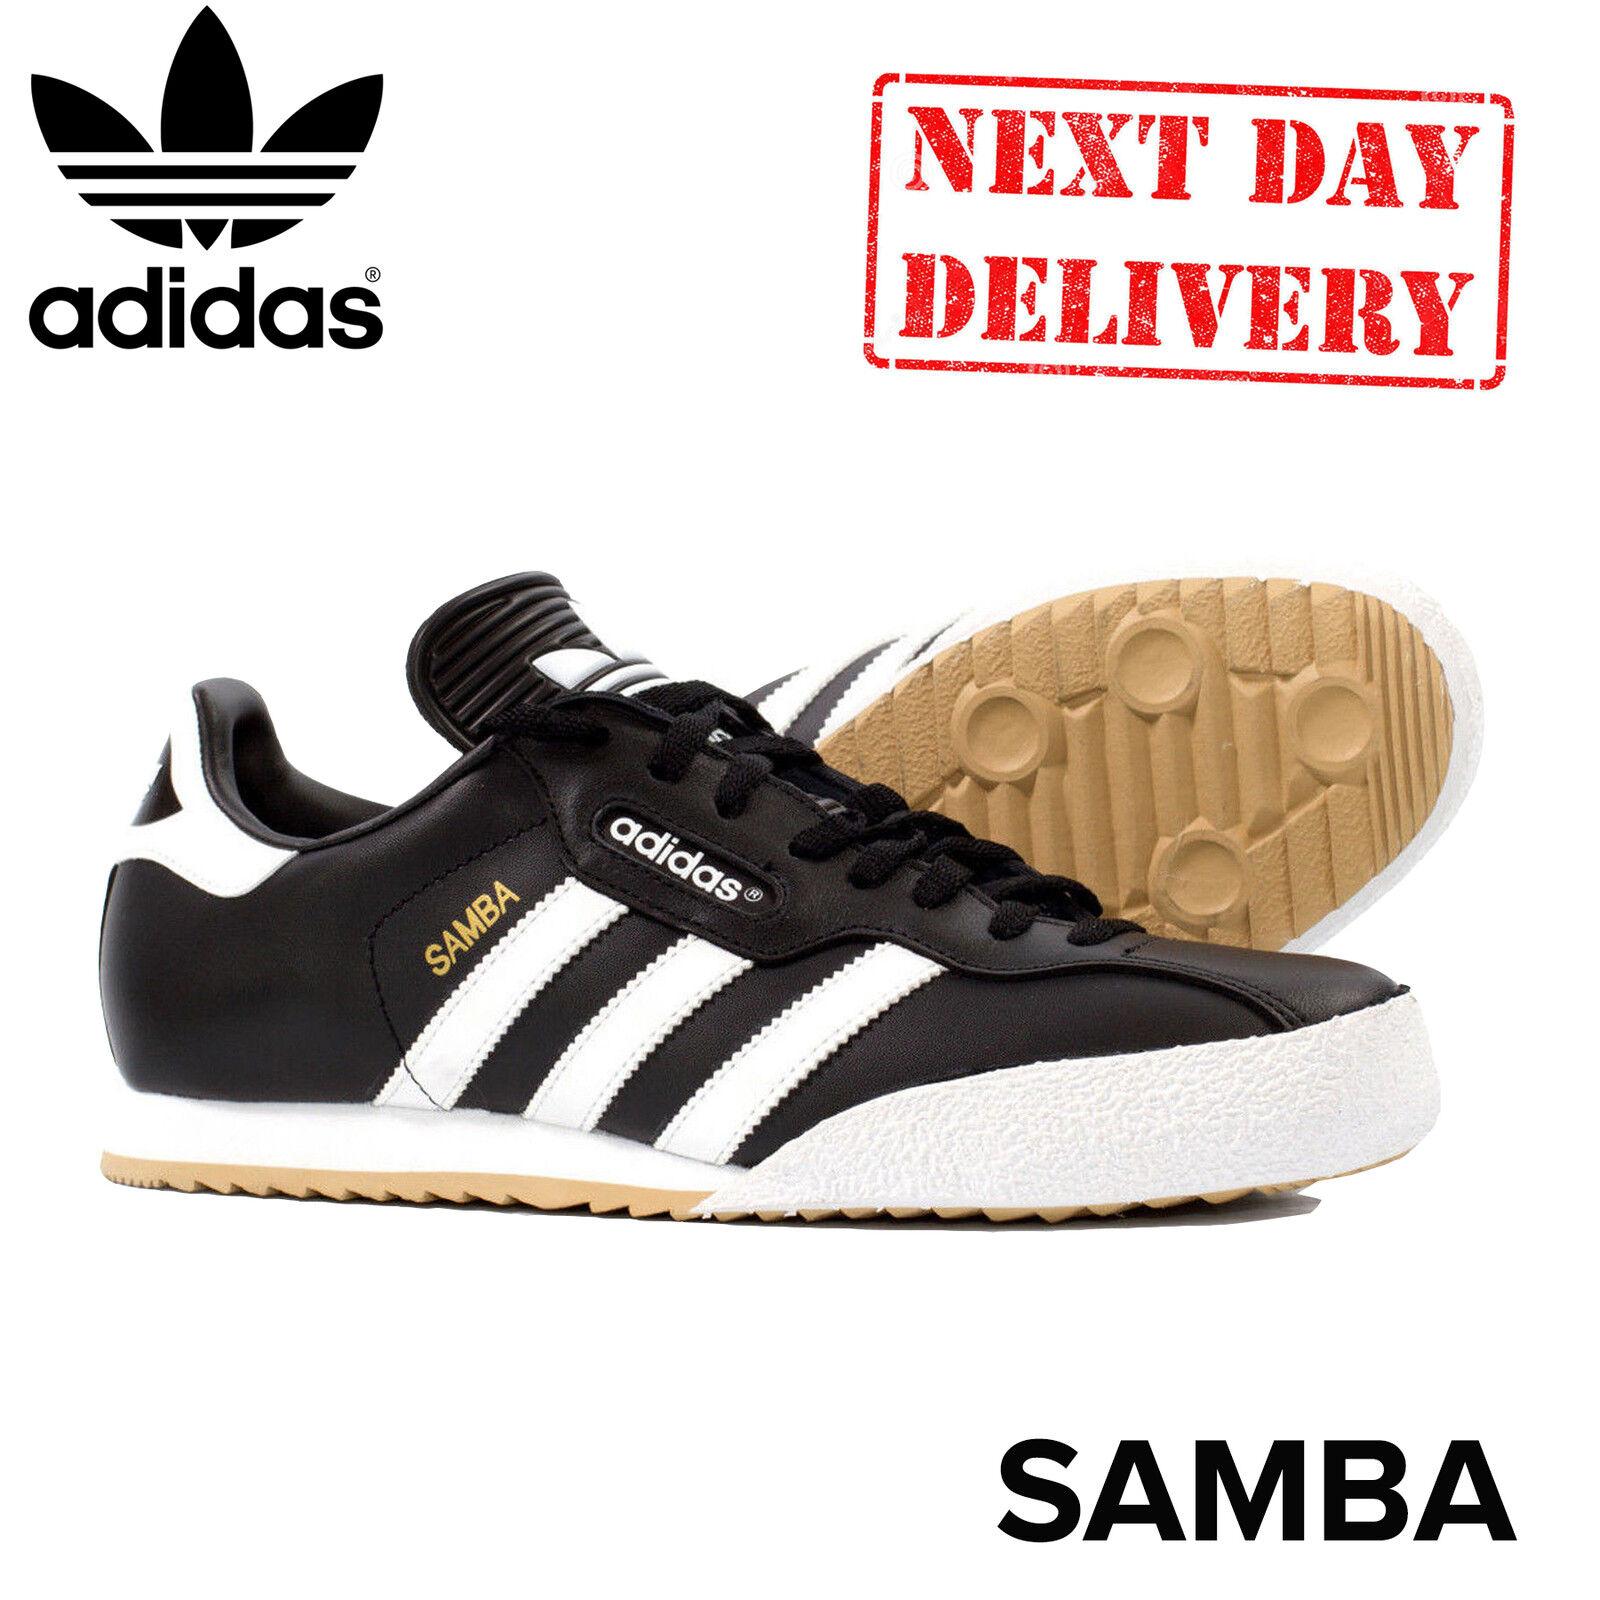 Adidas samba super cuoio Uomo bianco nero merletto di unito football indoor formatori, regno unito di 9d0be2